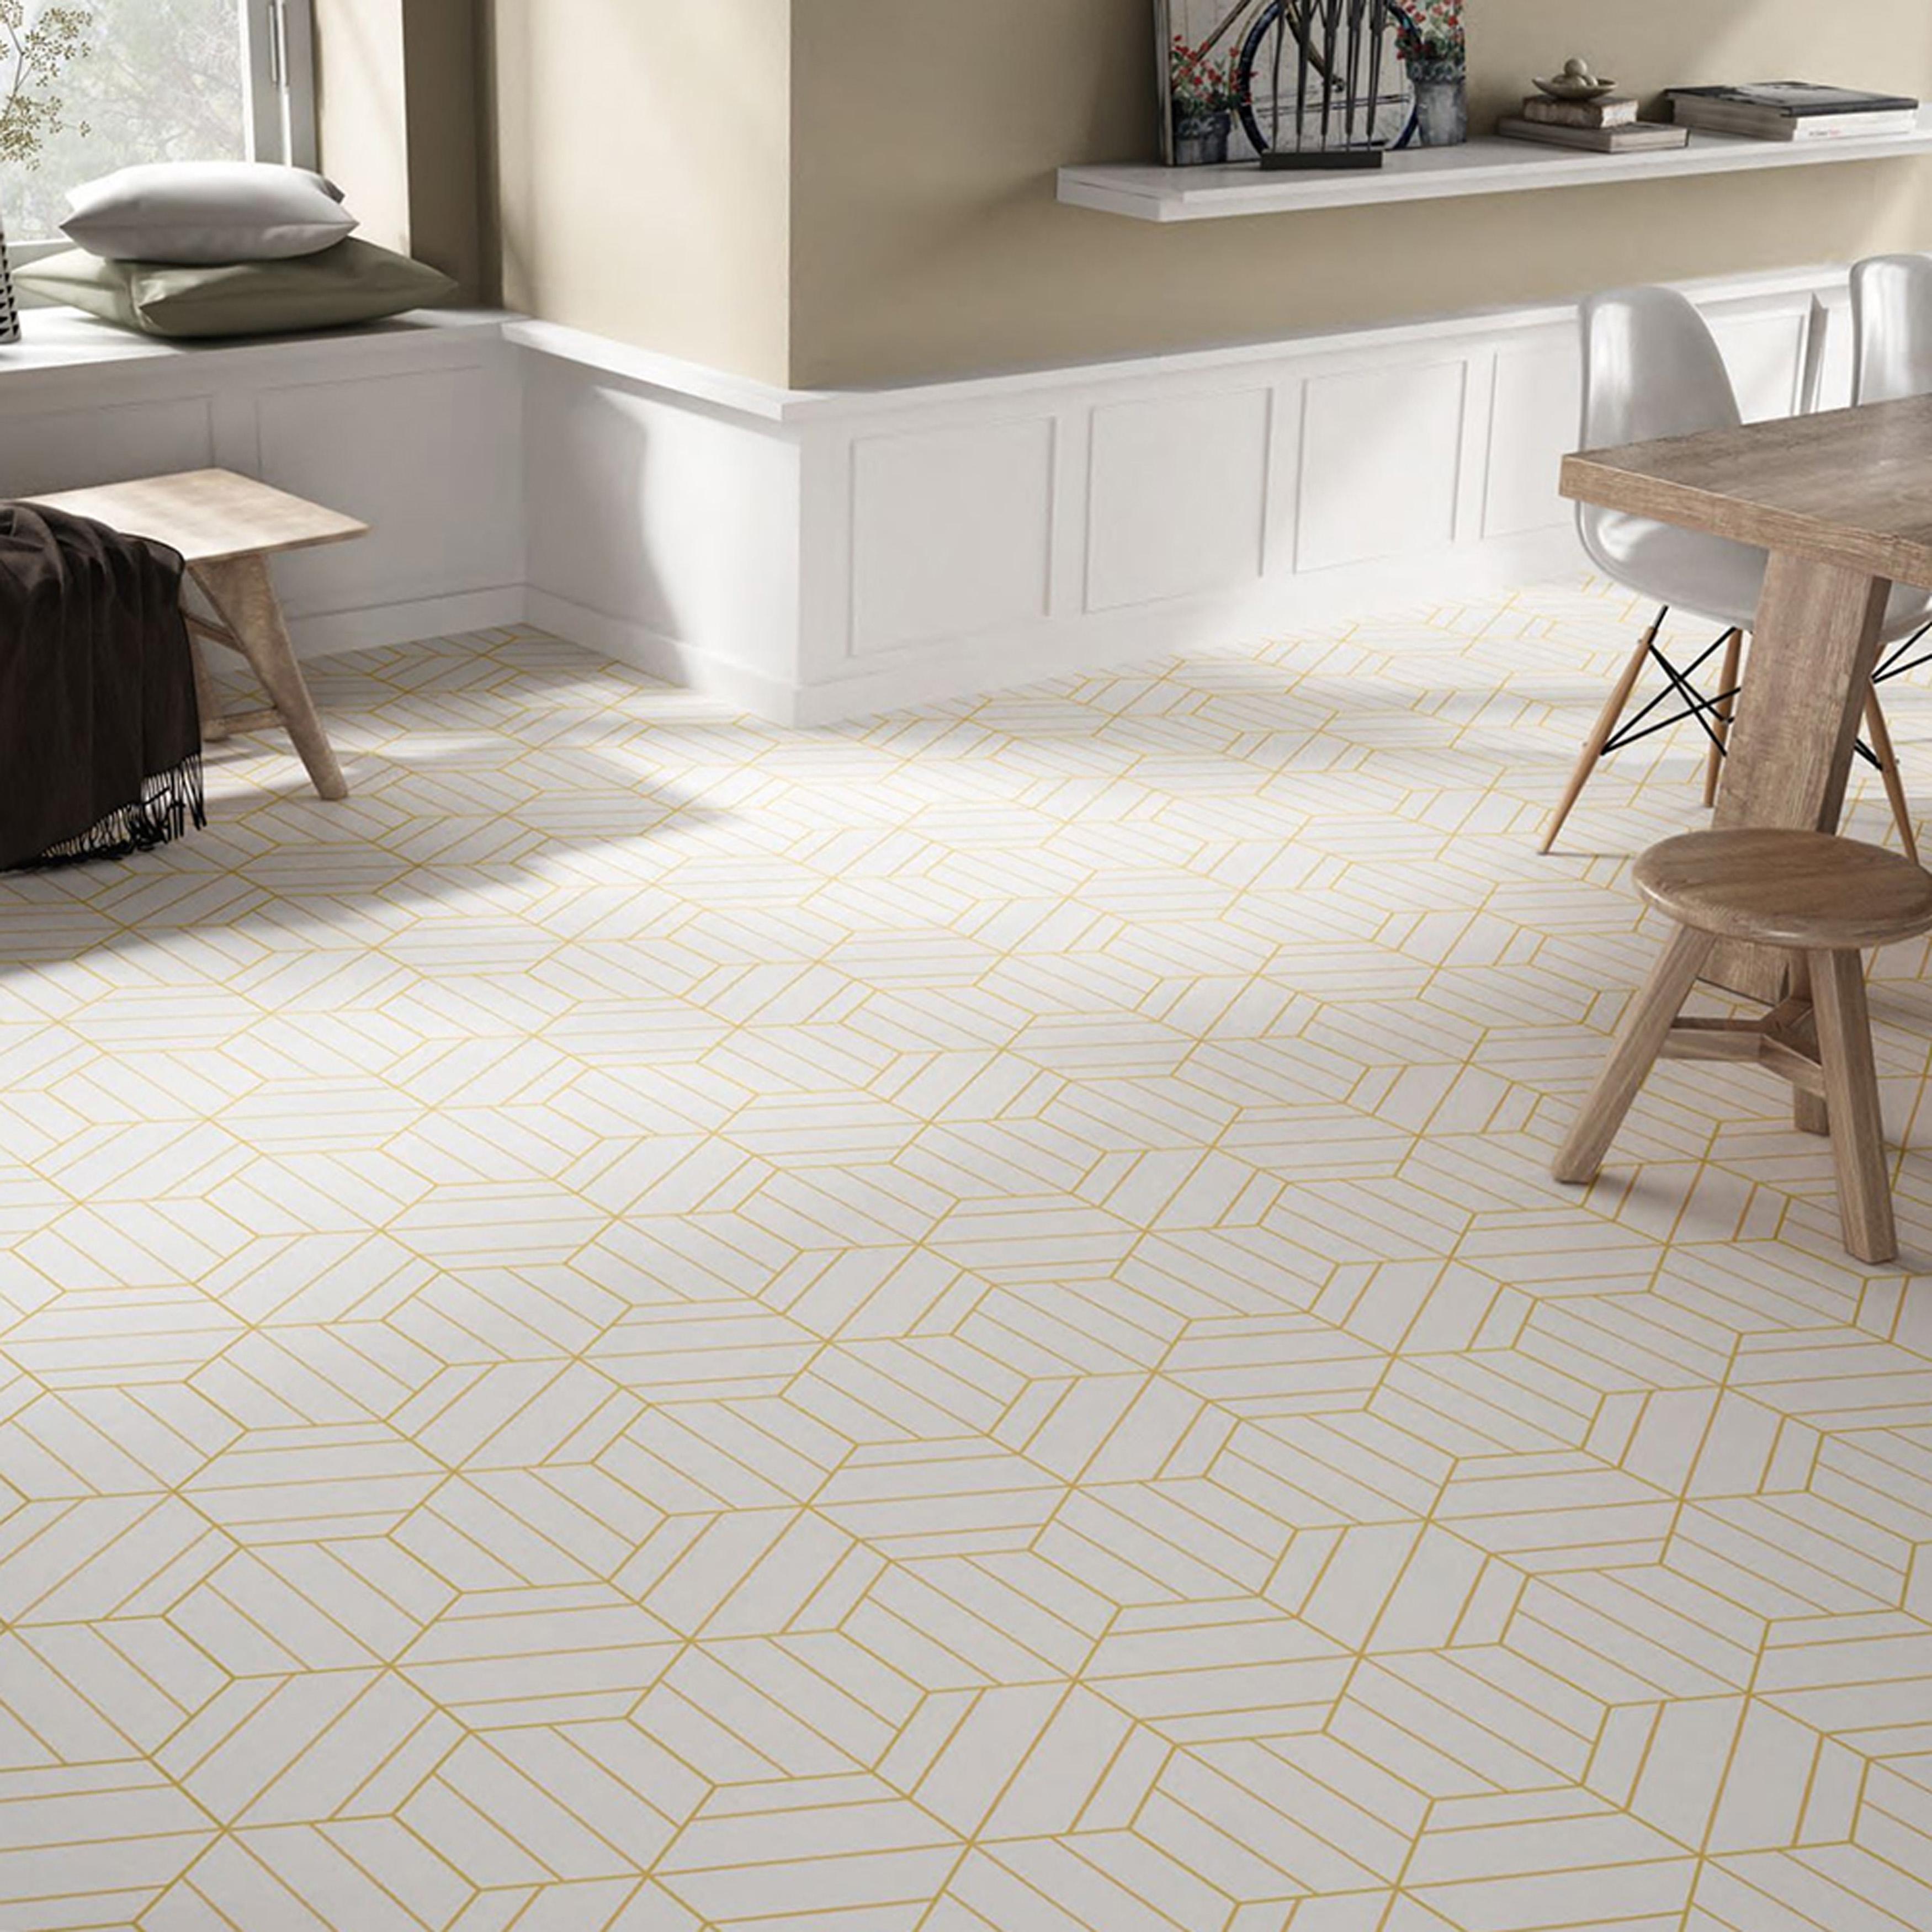 Porcelain Tile S Geometric Pattern Livens Floors Walls Remodeling Industry News Qualified Remodeler